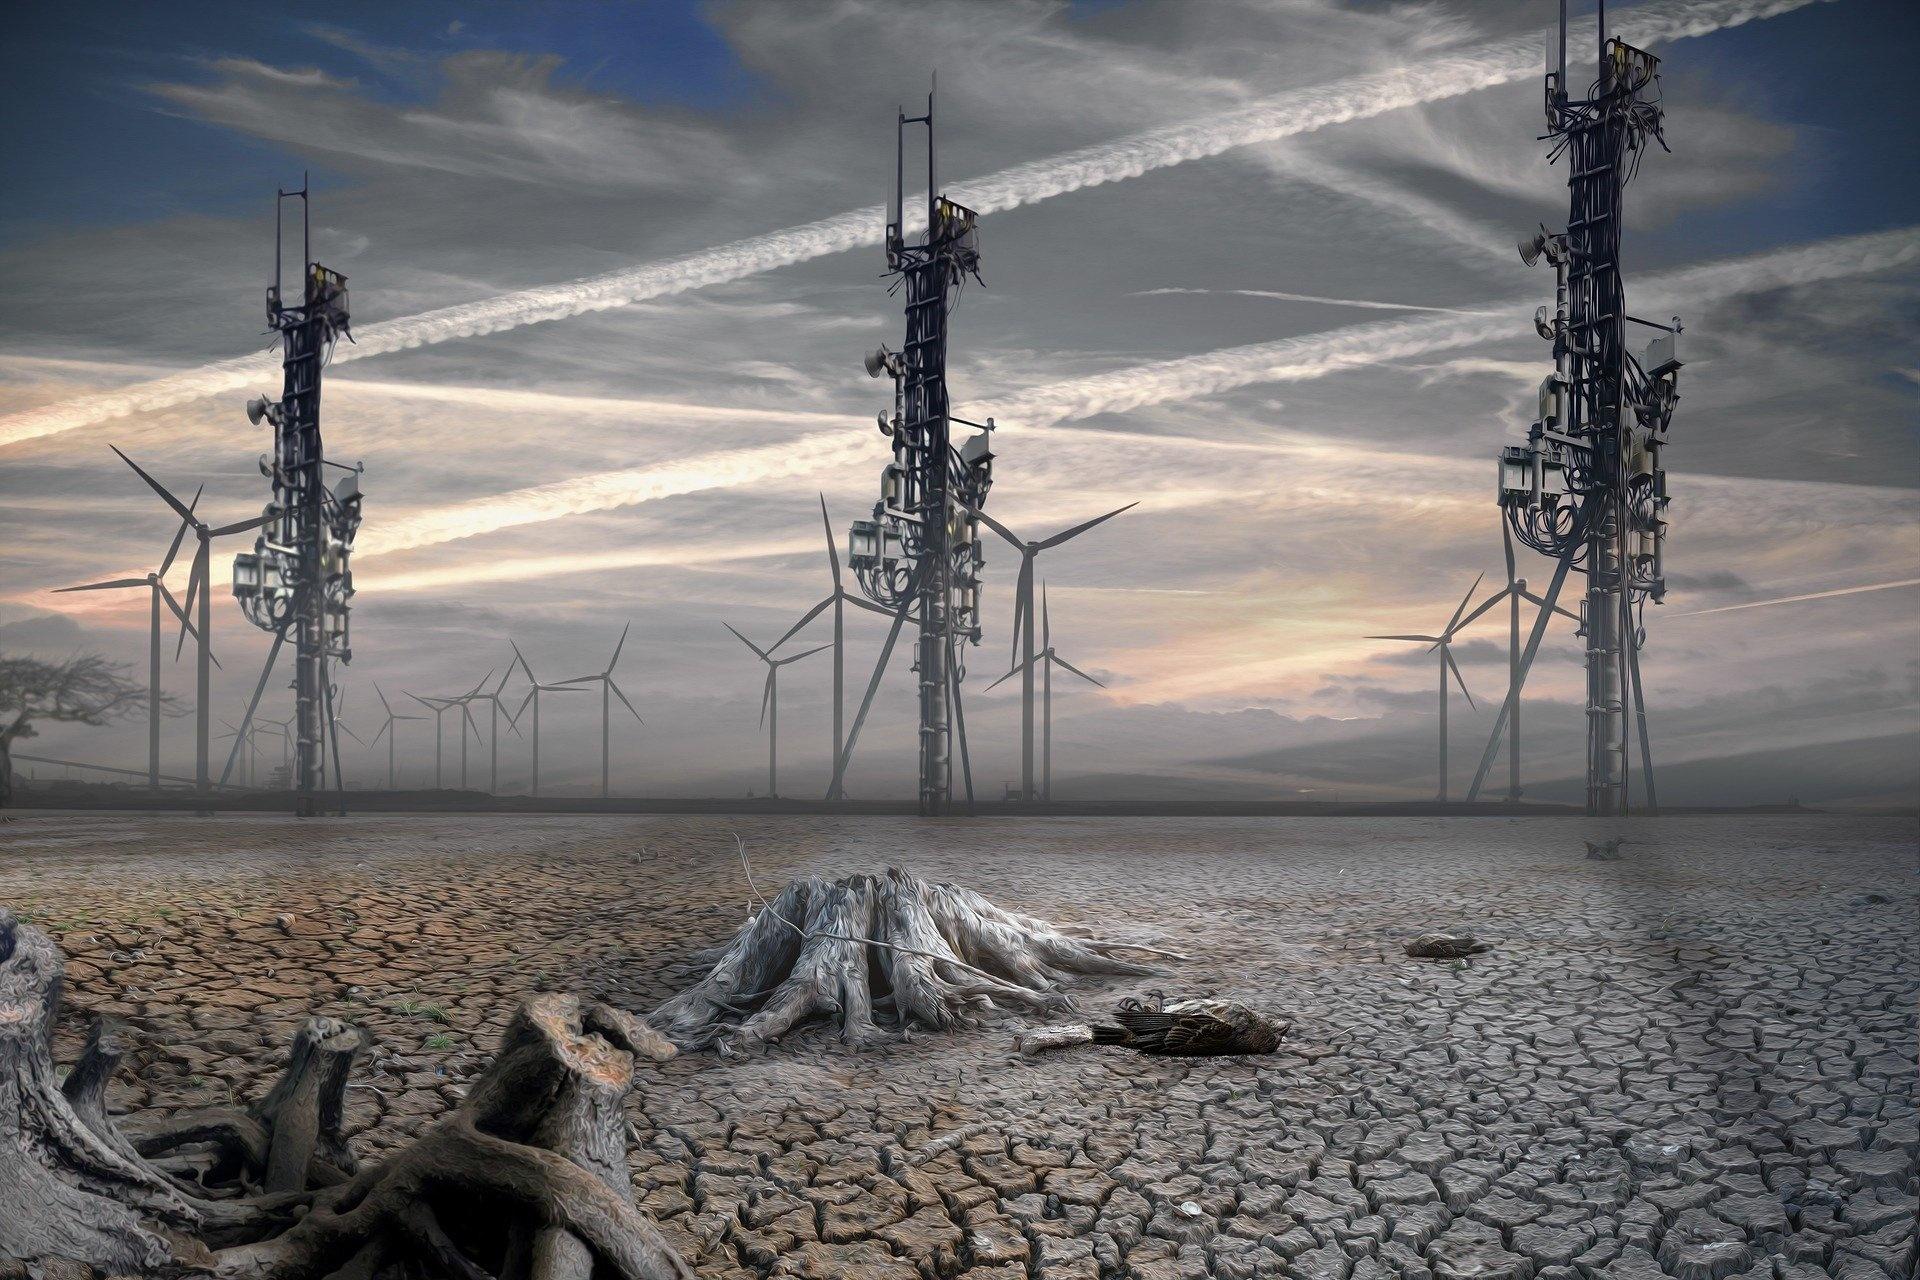 Tipps zum Schutz vor 5G-Strahlung, damit Sie sicher sind